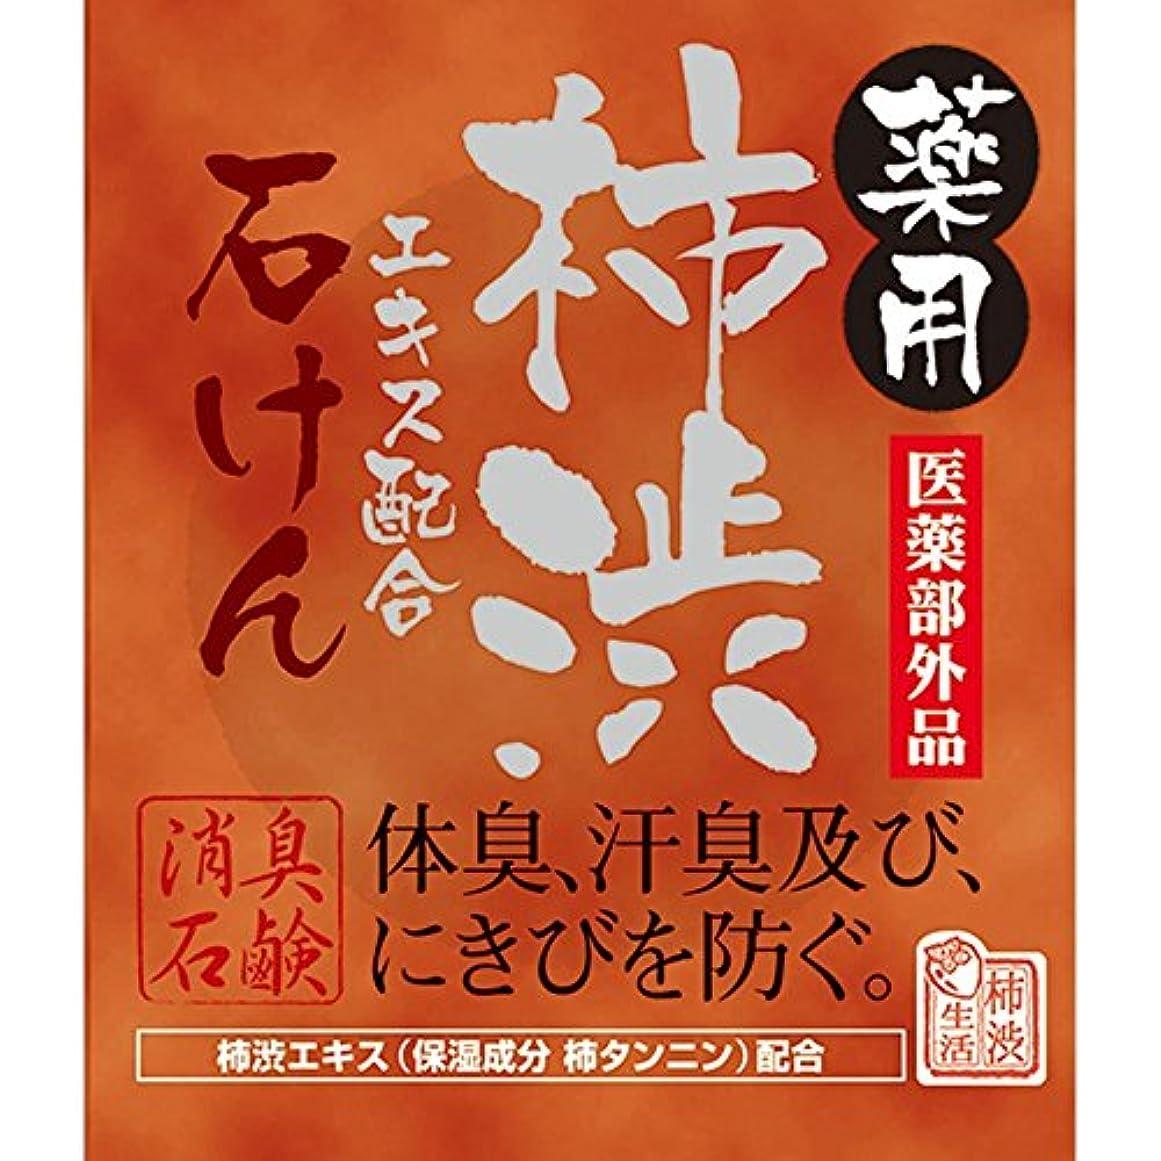 小数発疹開発する薬用柿渋石けん 100g[医薬部外品]